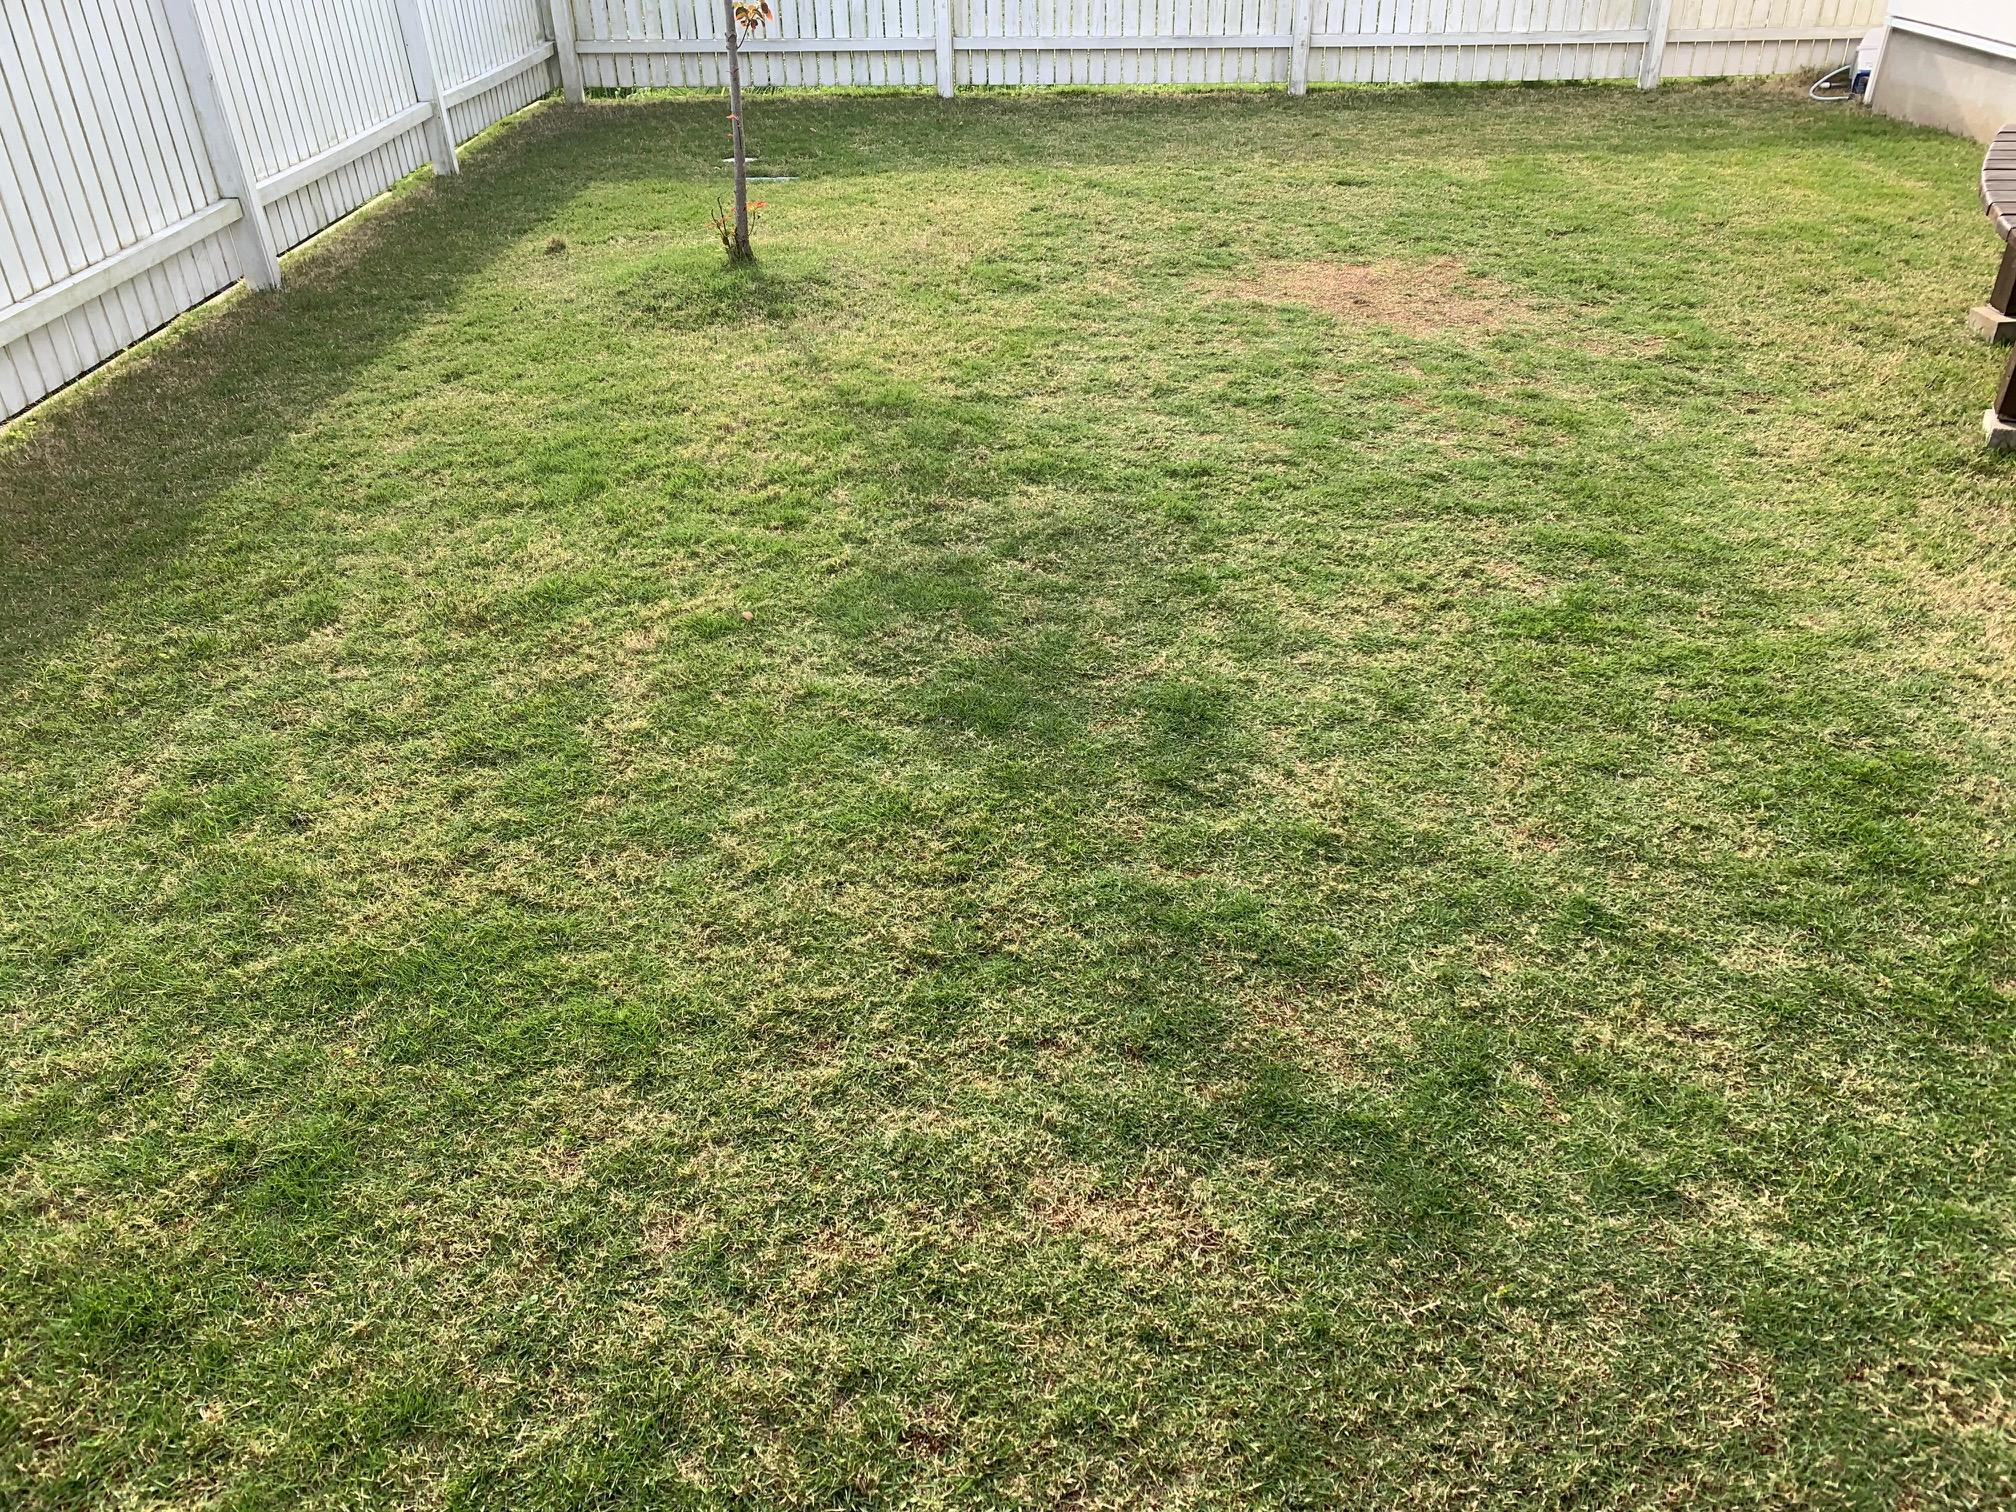 2021.05.03 芝生の状況(雑草除去・黒い虫?)